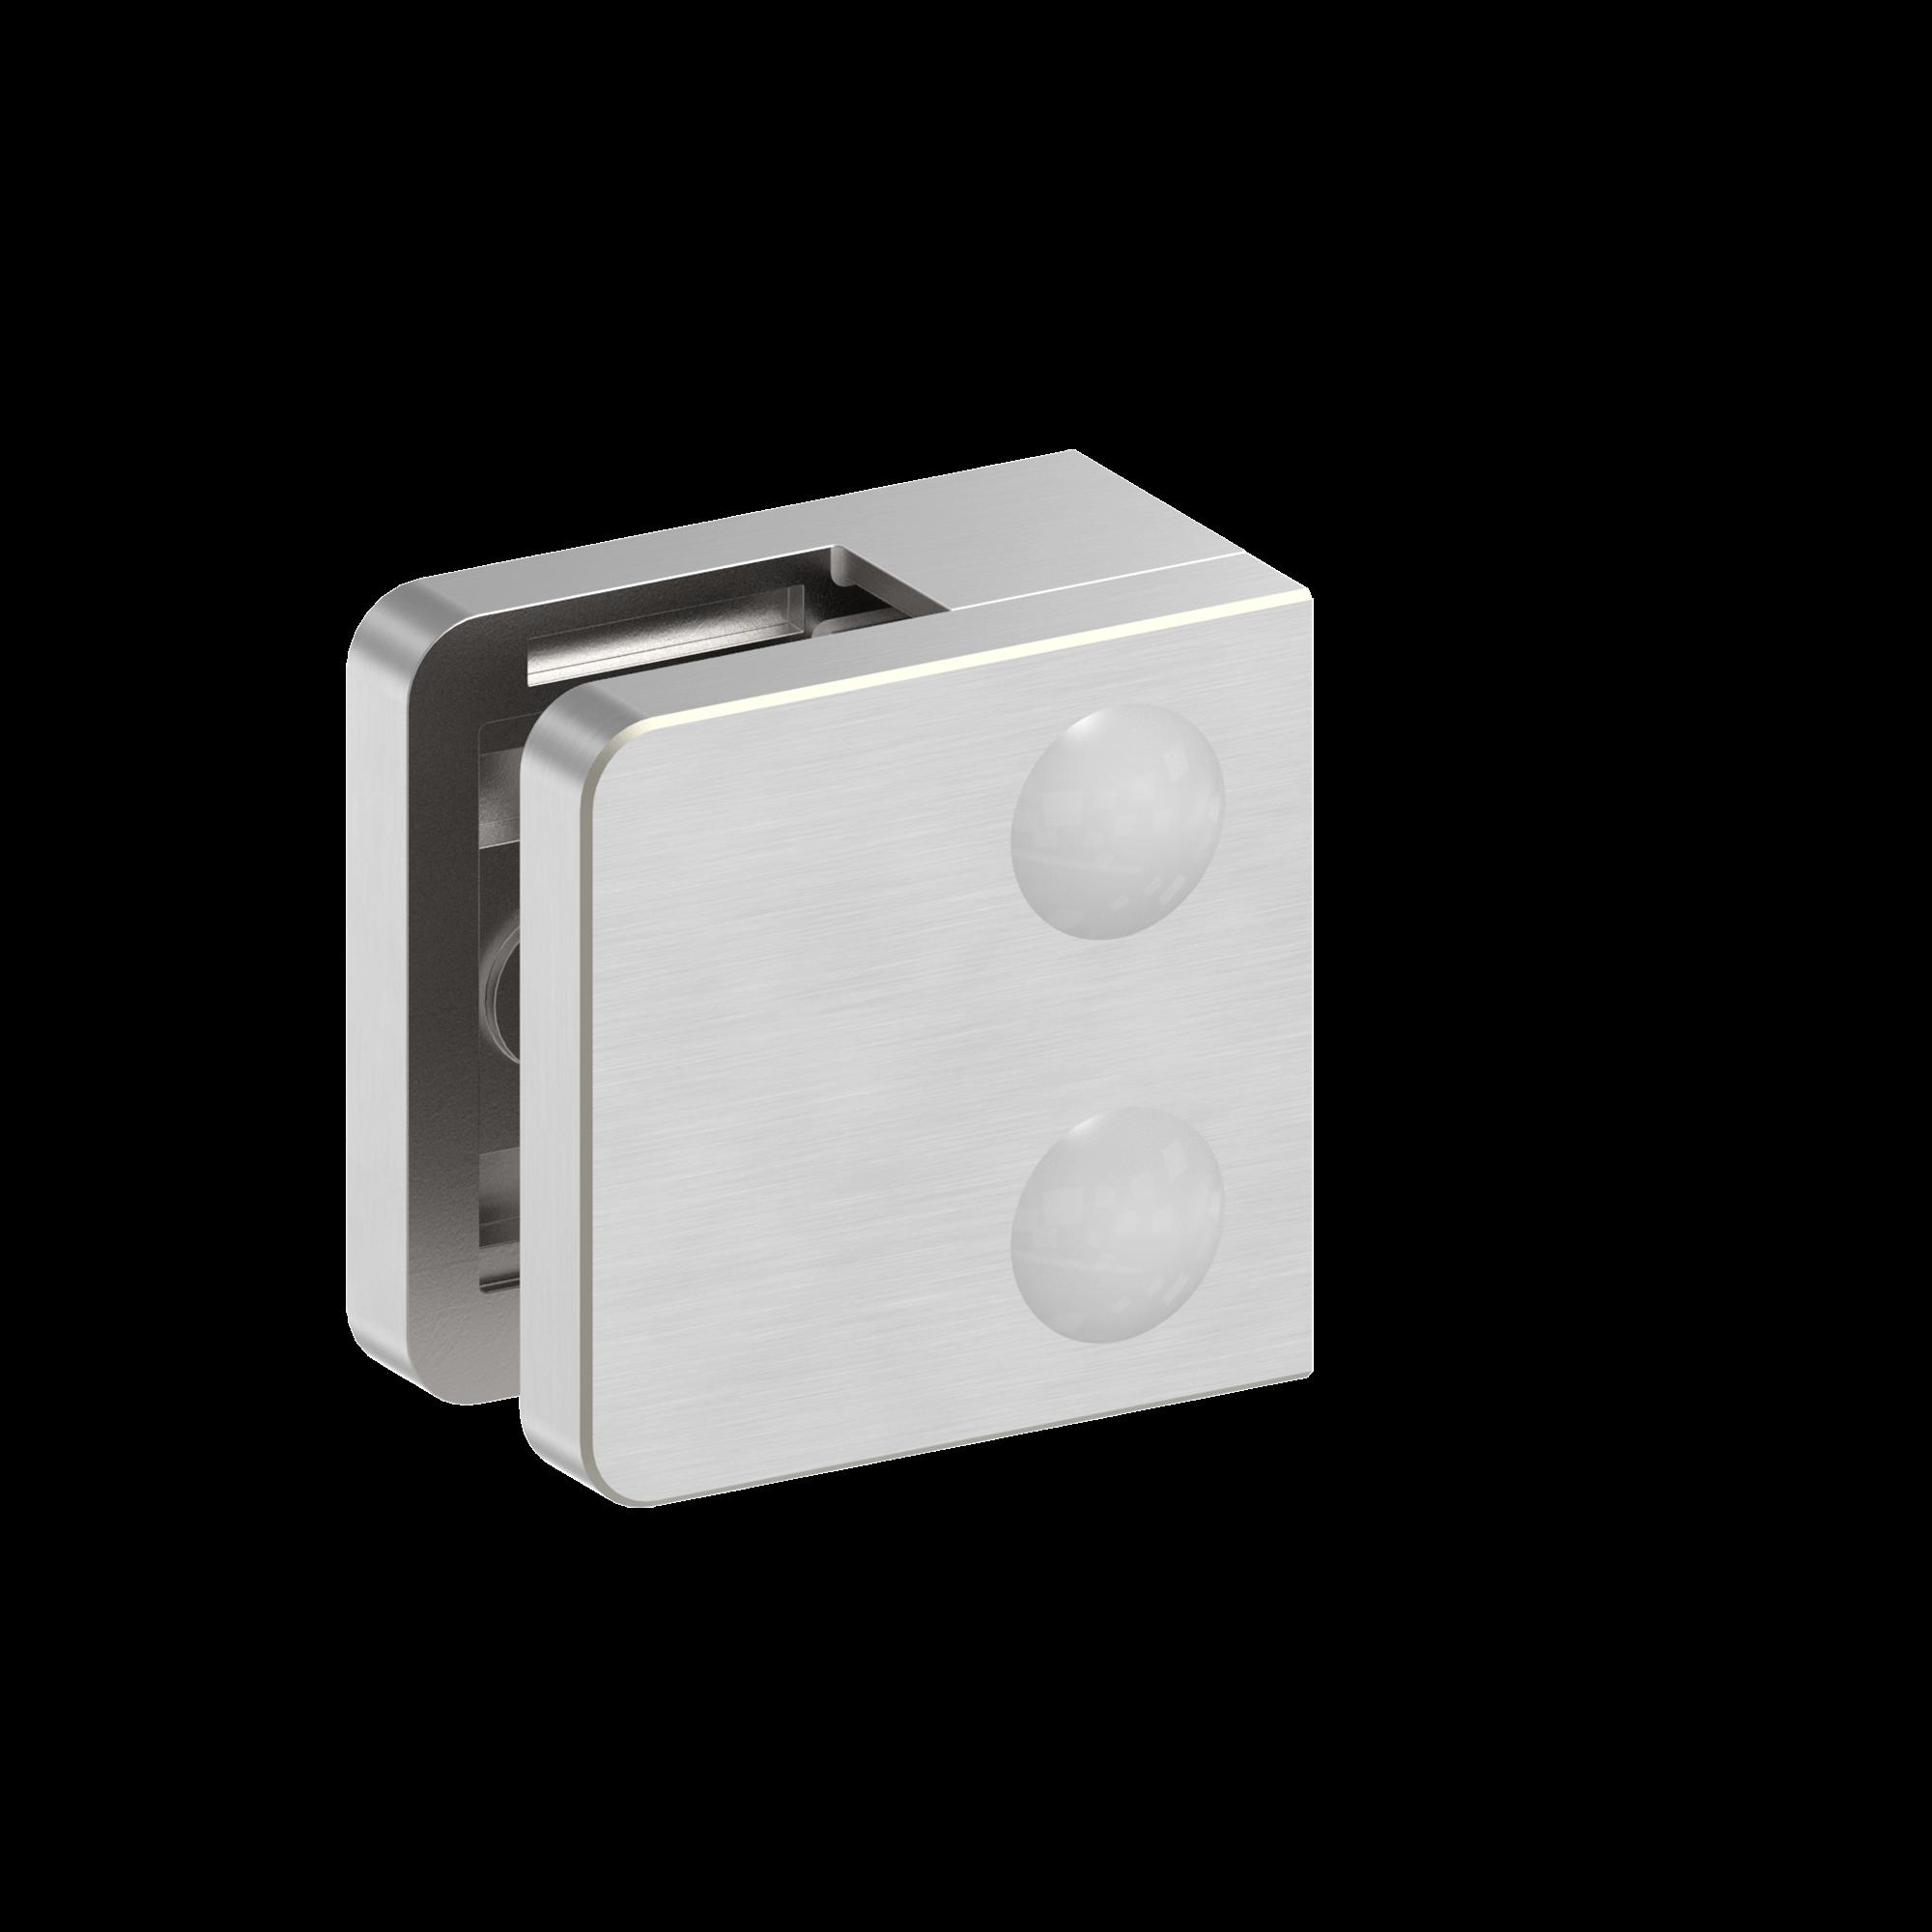 Glasklemme Modell 31